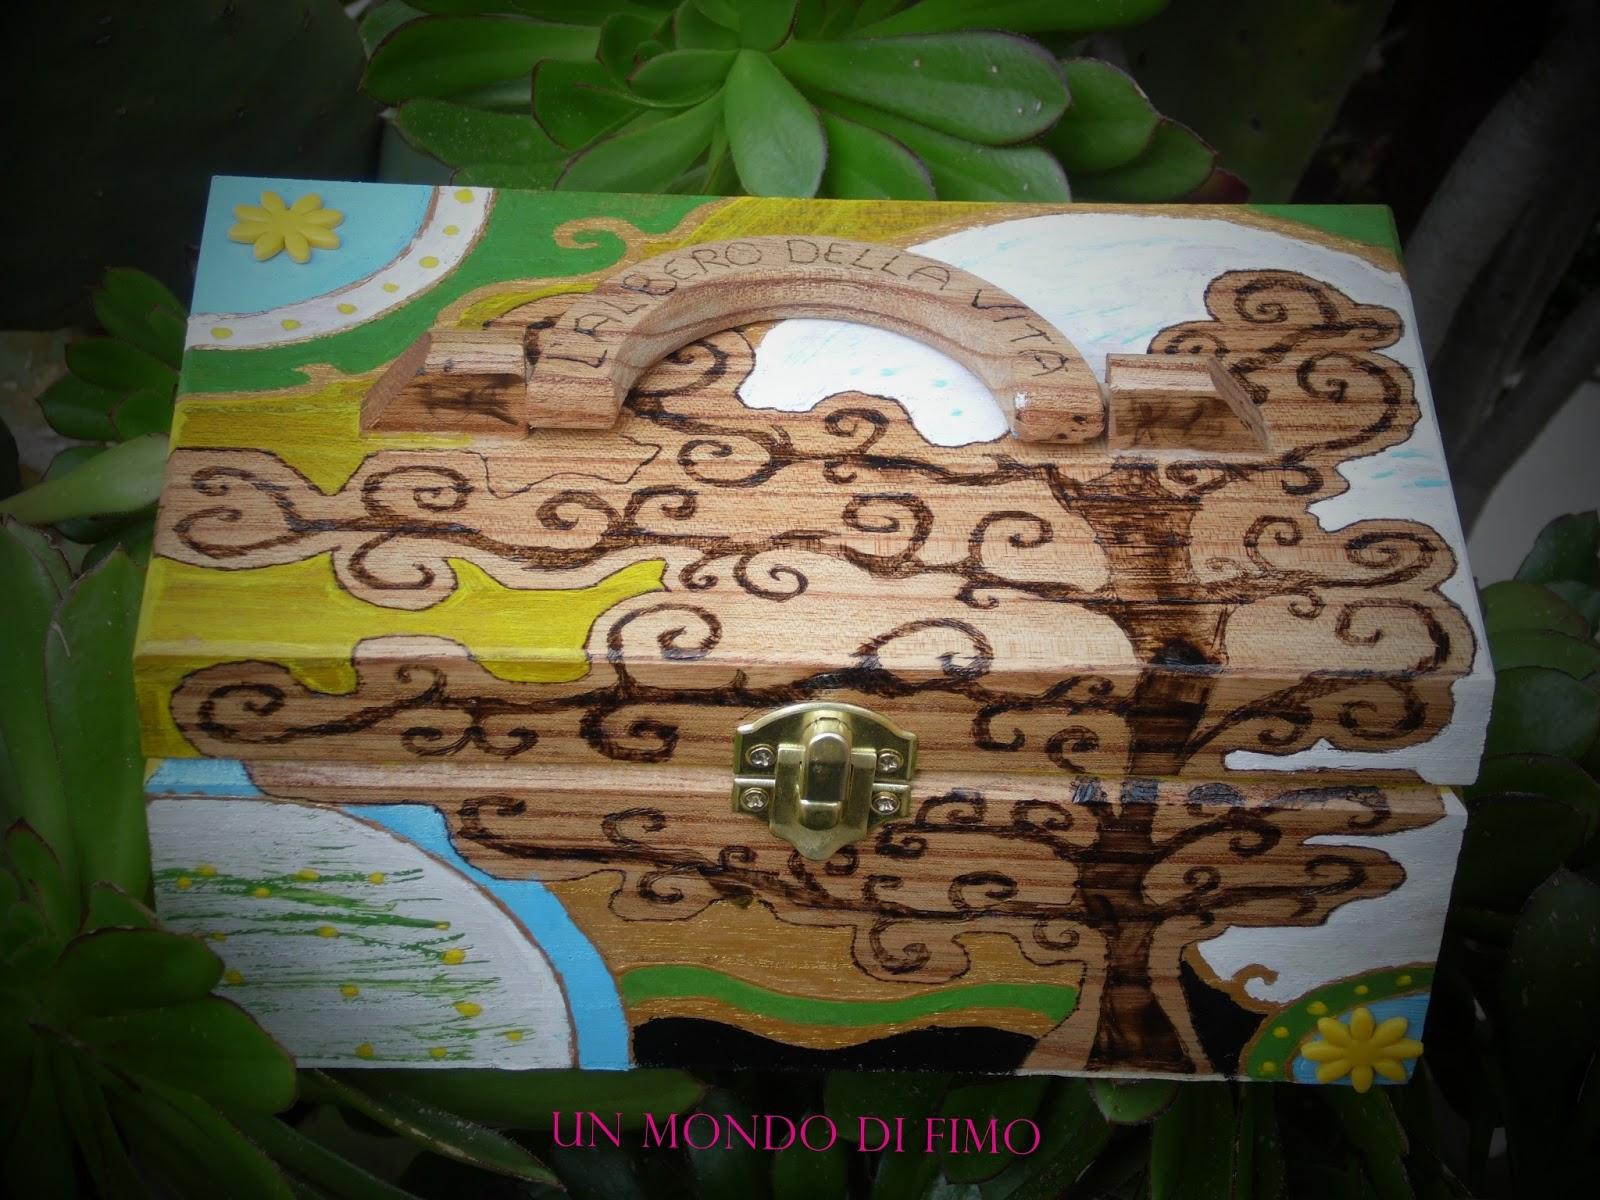 Un mondo di fimo l 39 albero della vita for Albero della vita significato